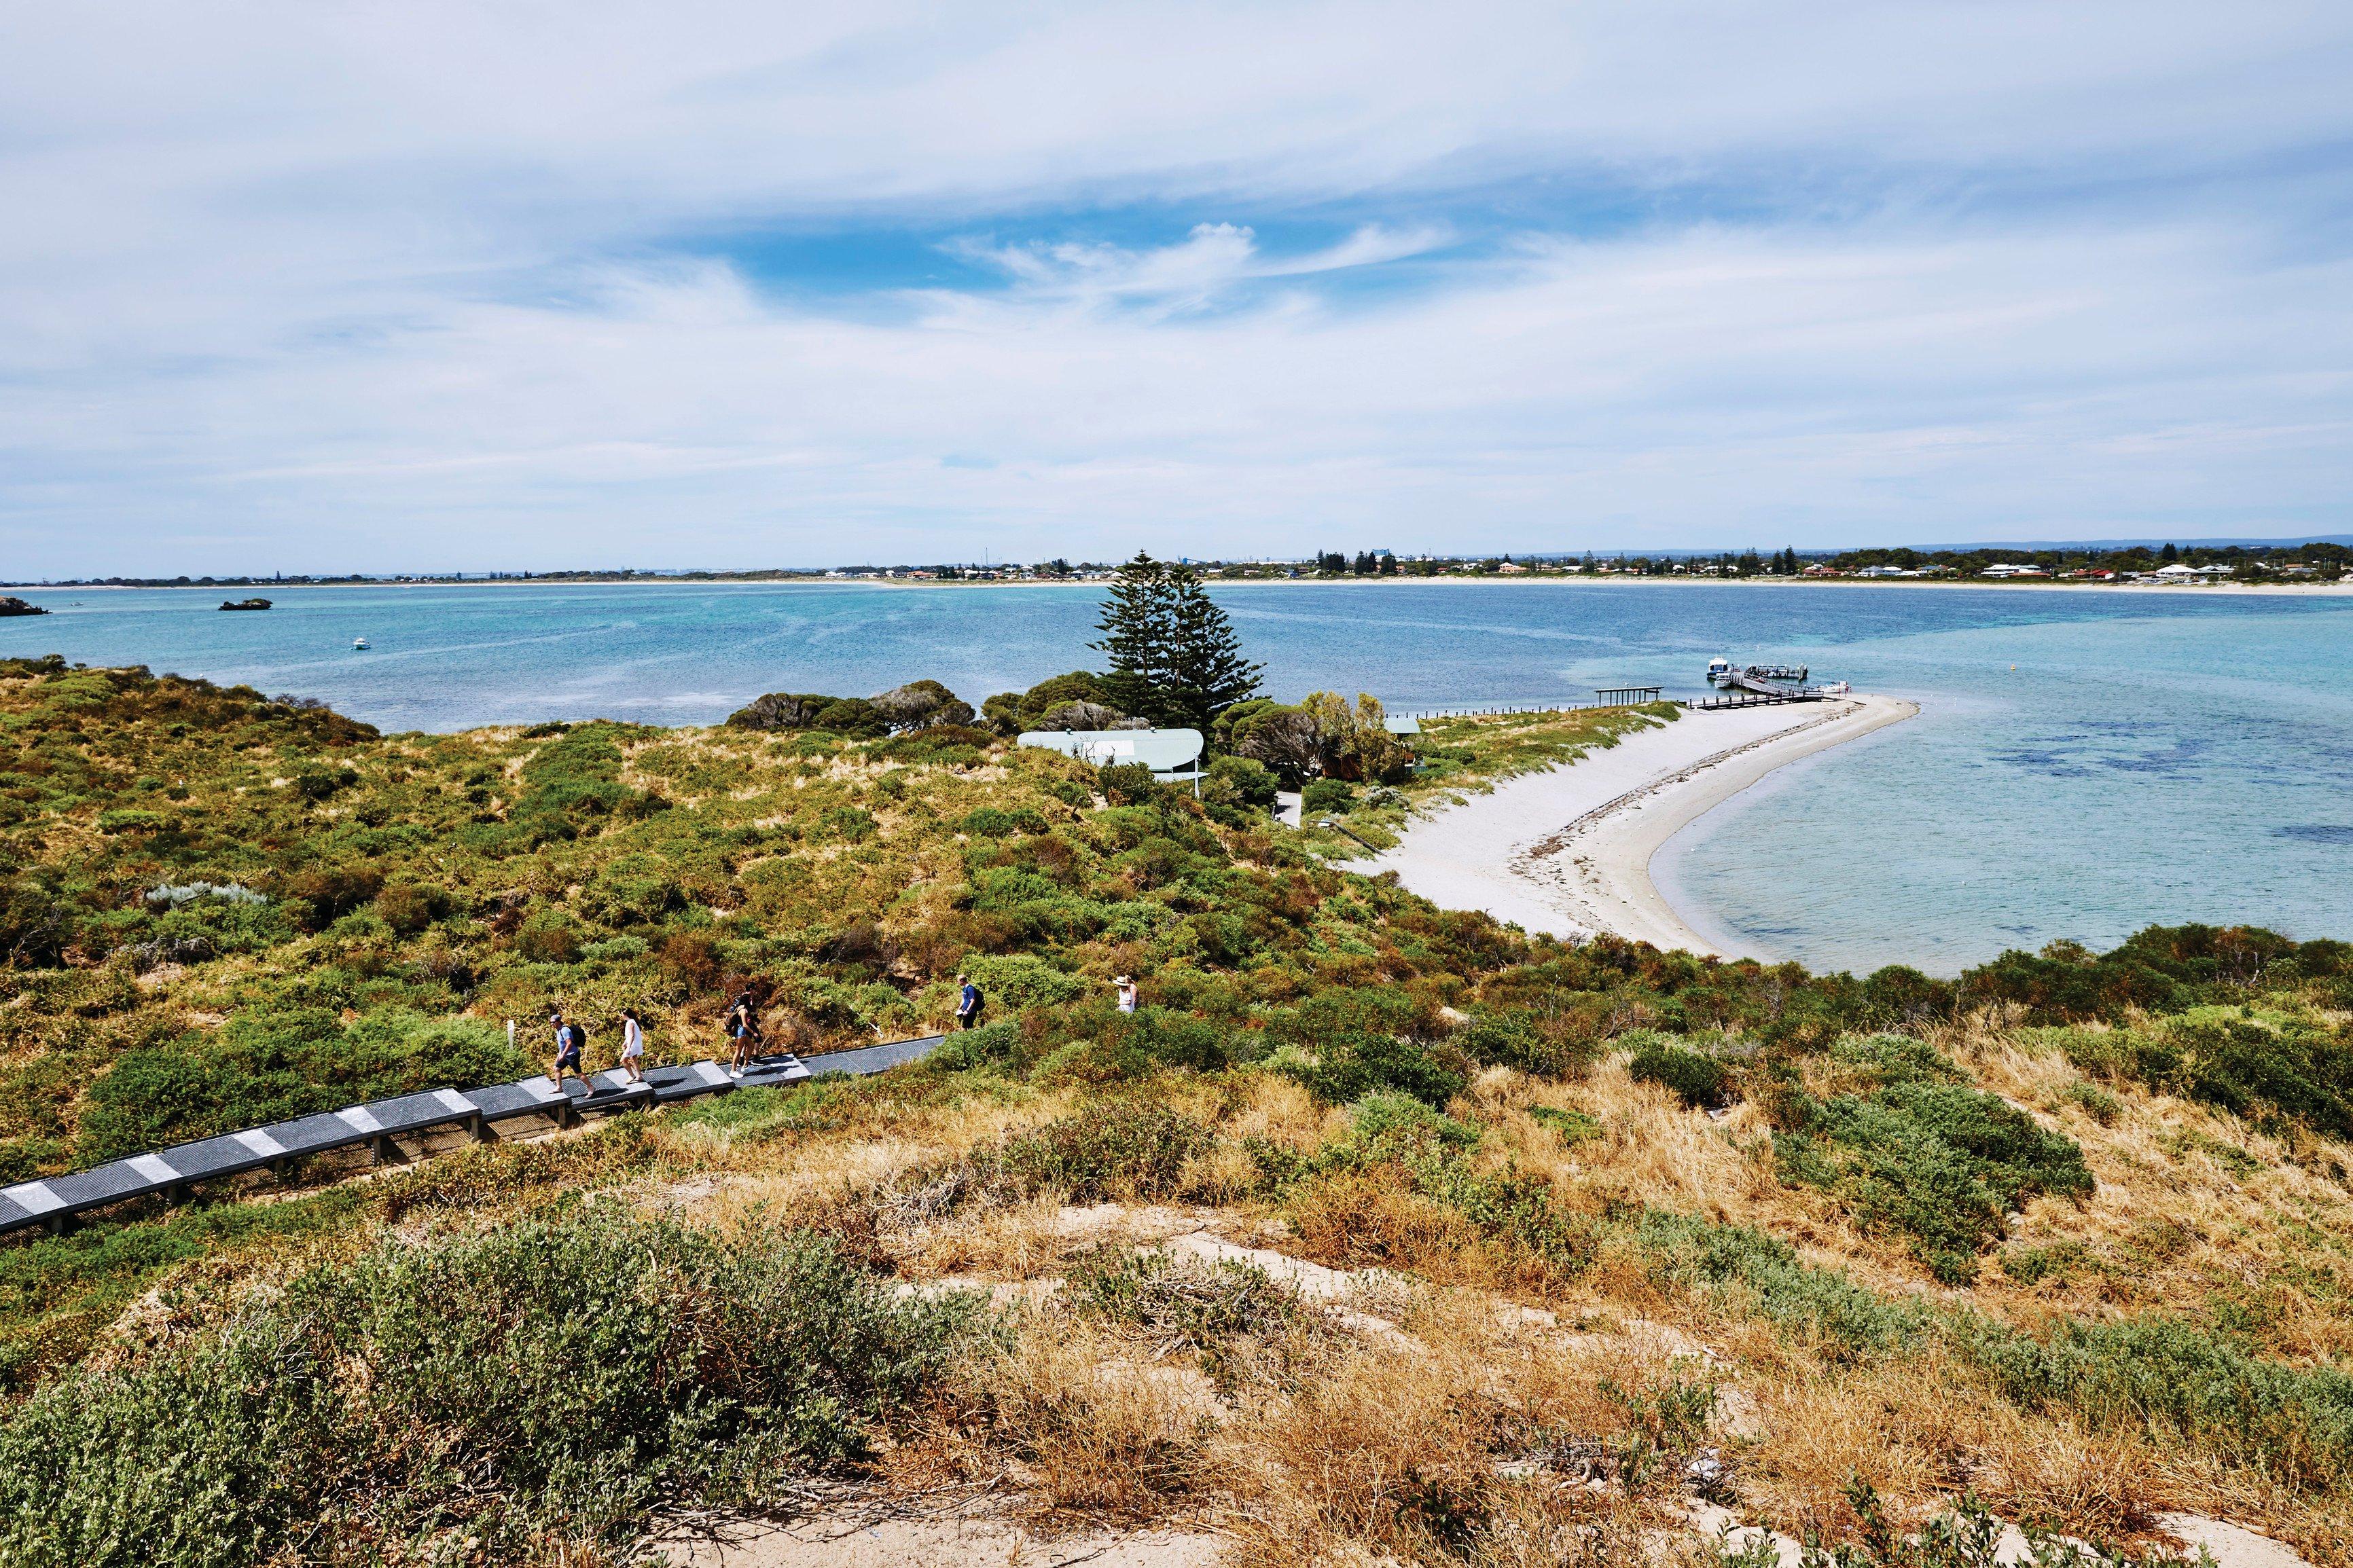 709f188ac84d2942bed21640fe4bd3f9 - Khám phá TOP 10 bãi biển đẹp nhất Tây Úc